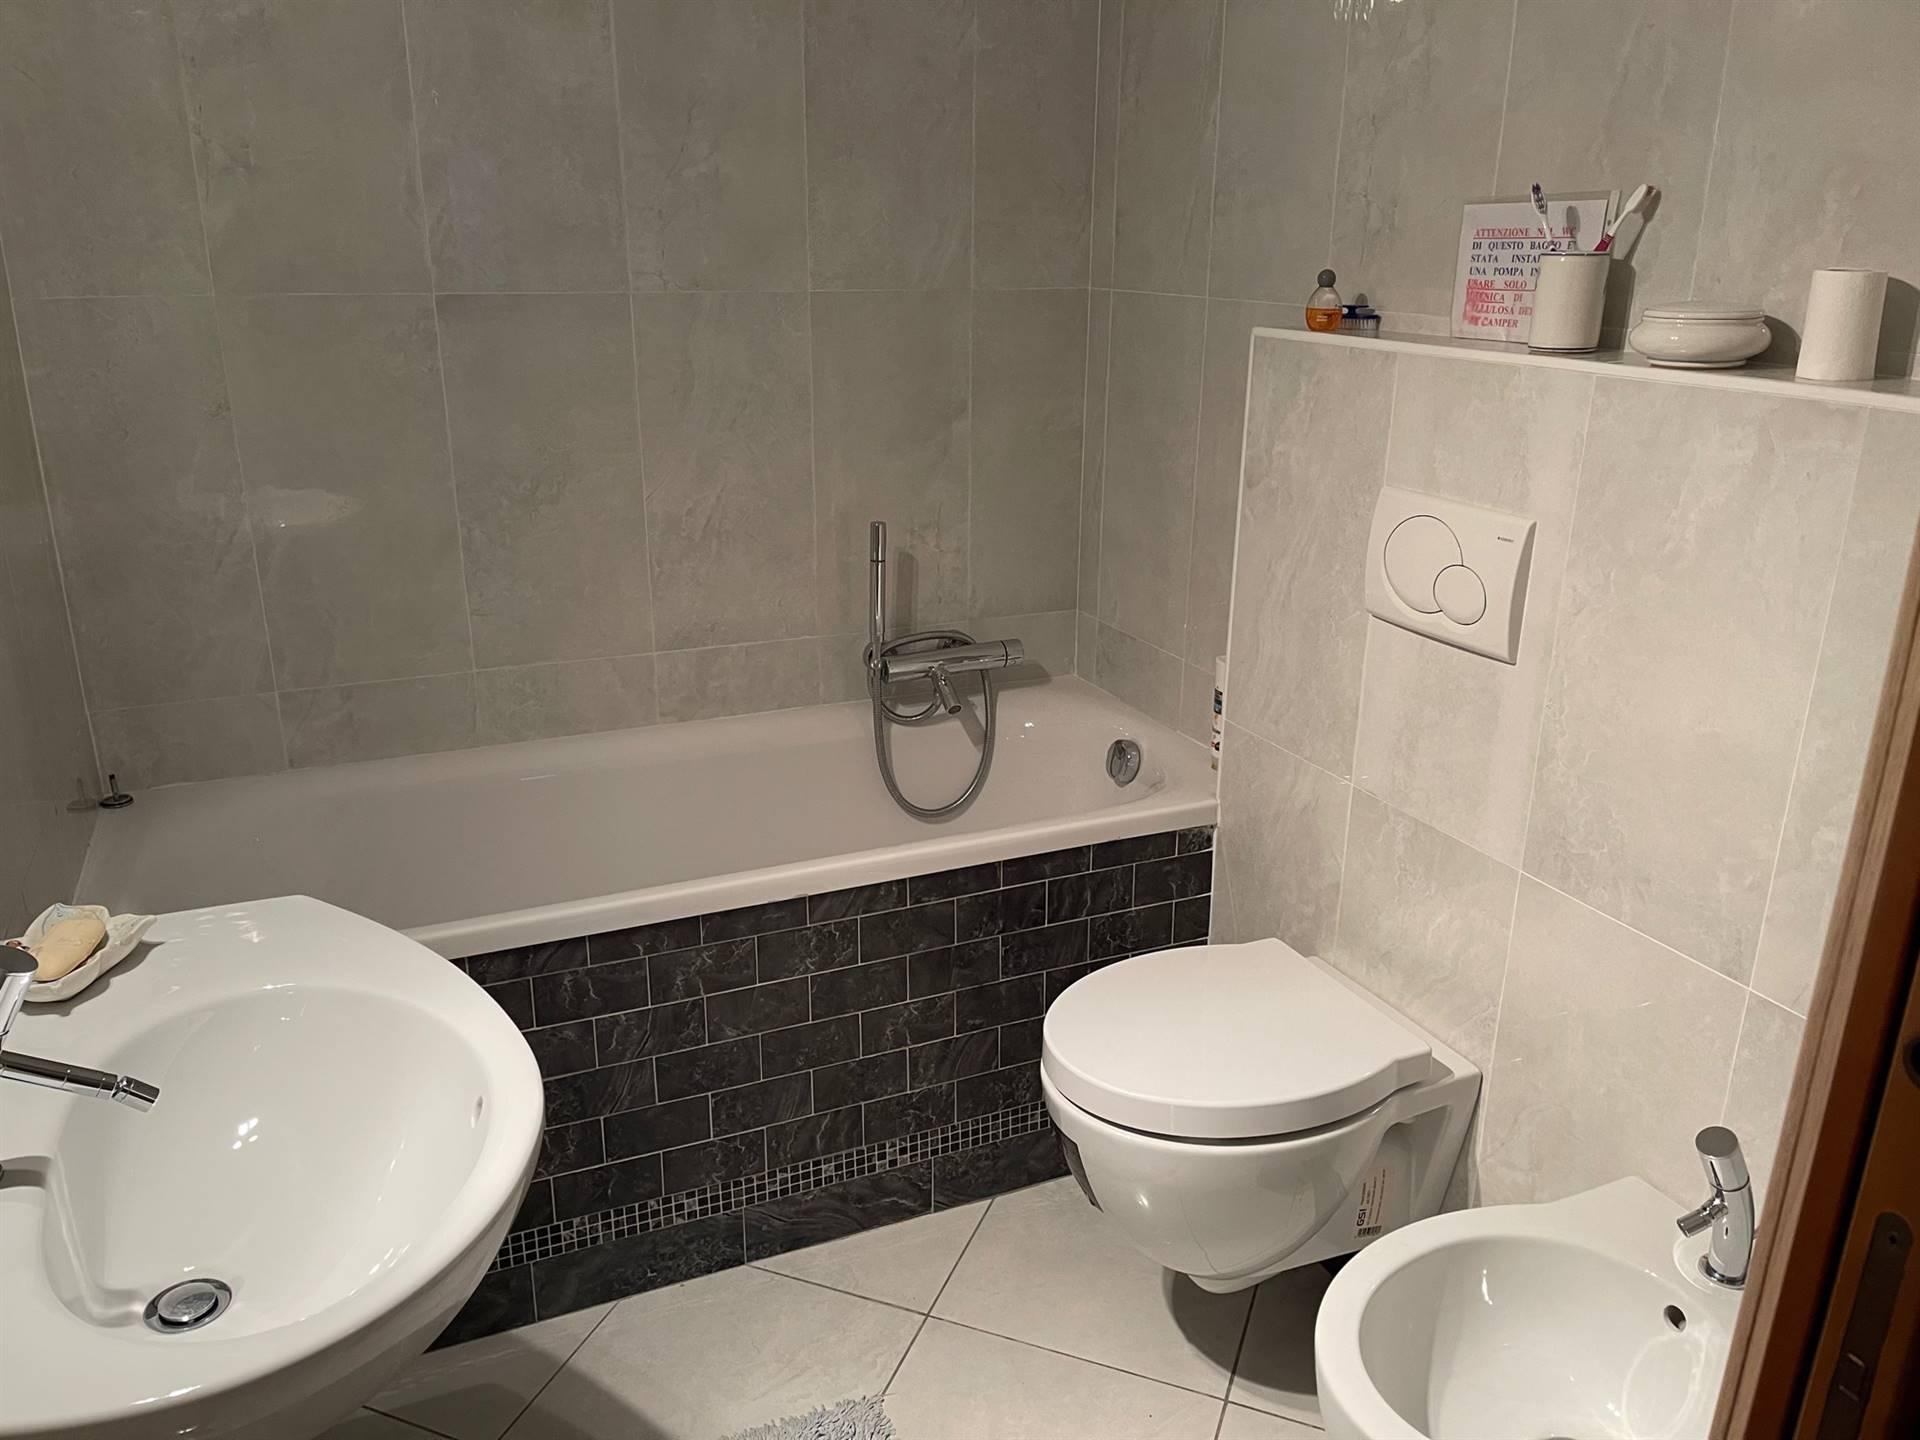 bagno con vasca in vendita Mestre centro